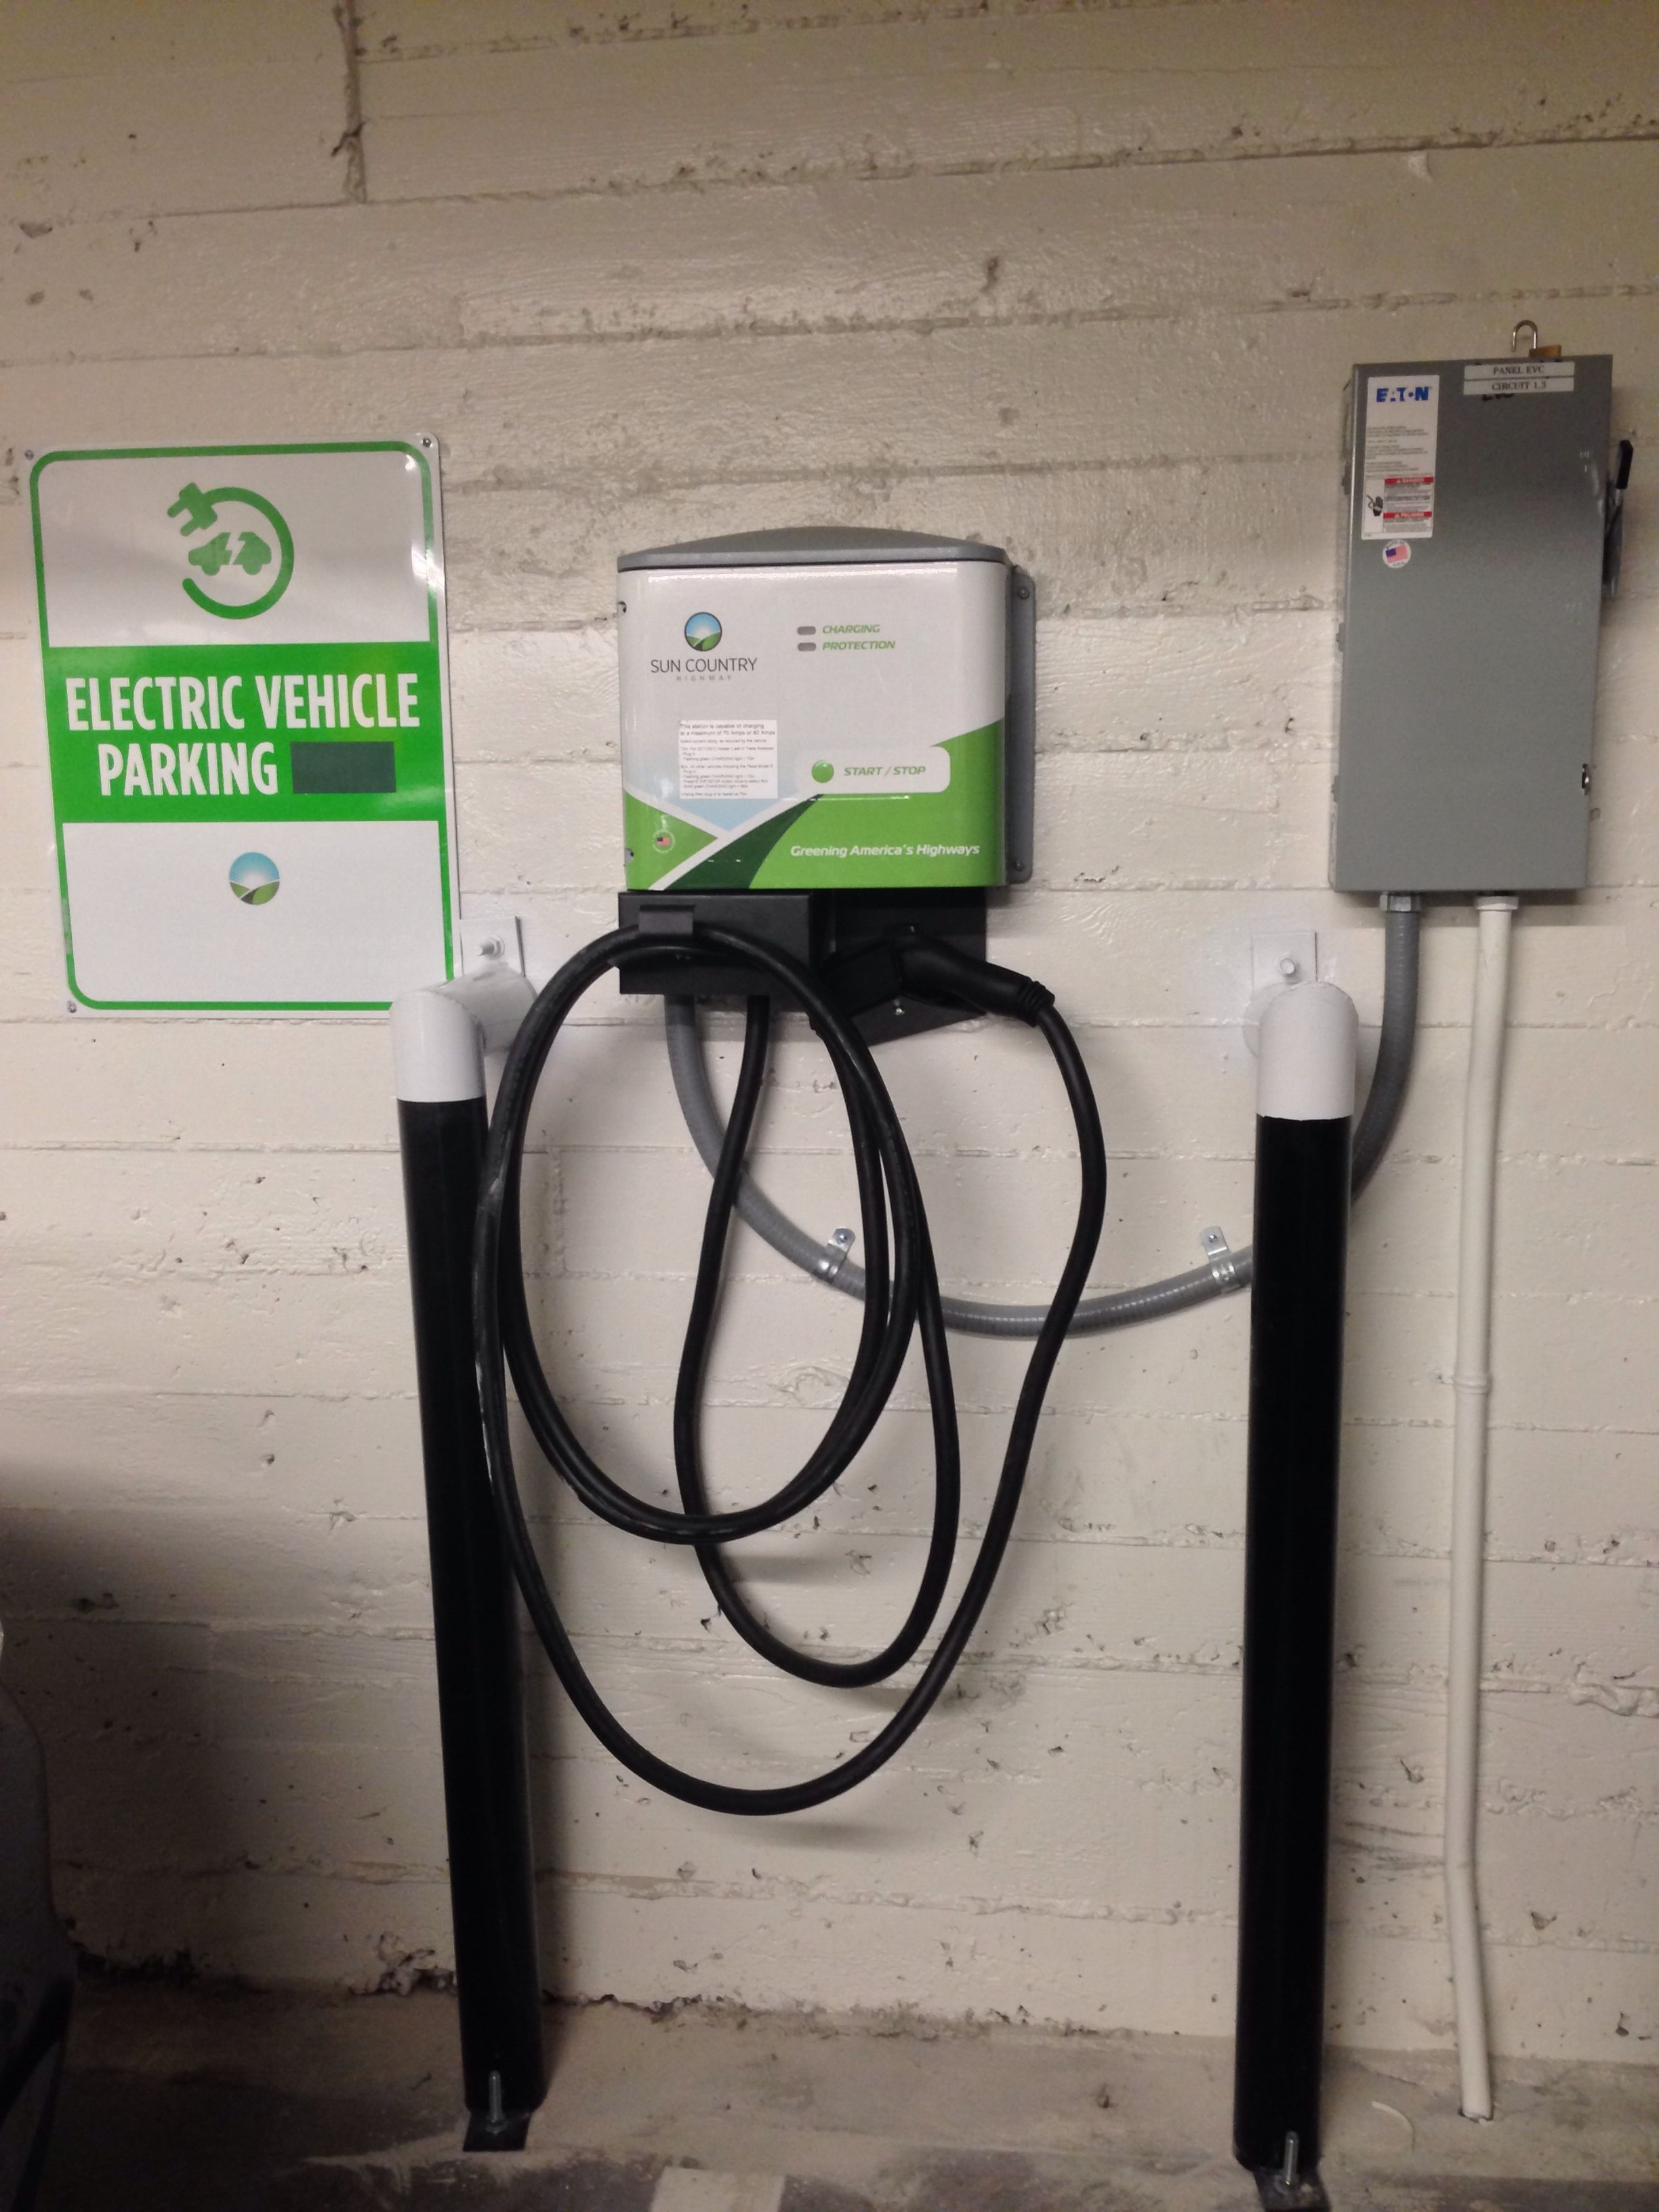 100 amp 208 volt tesla charging station clipper creek